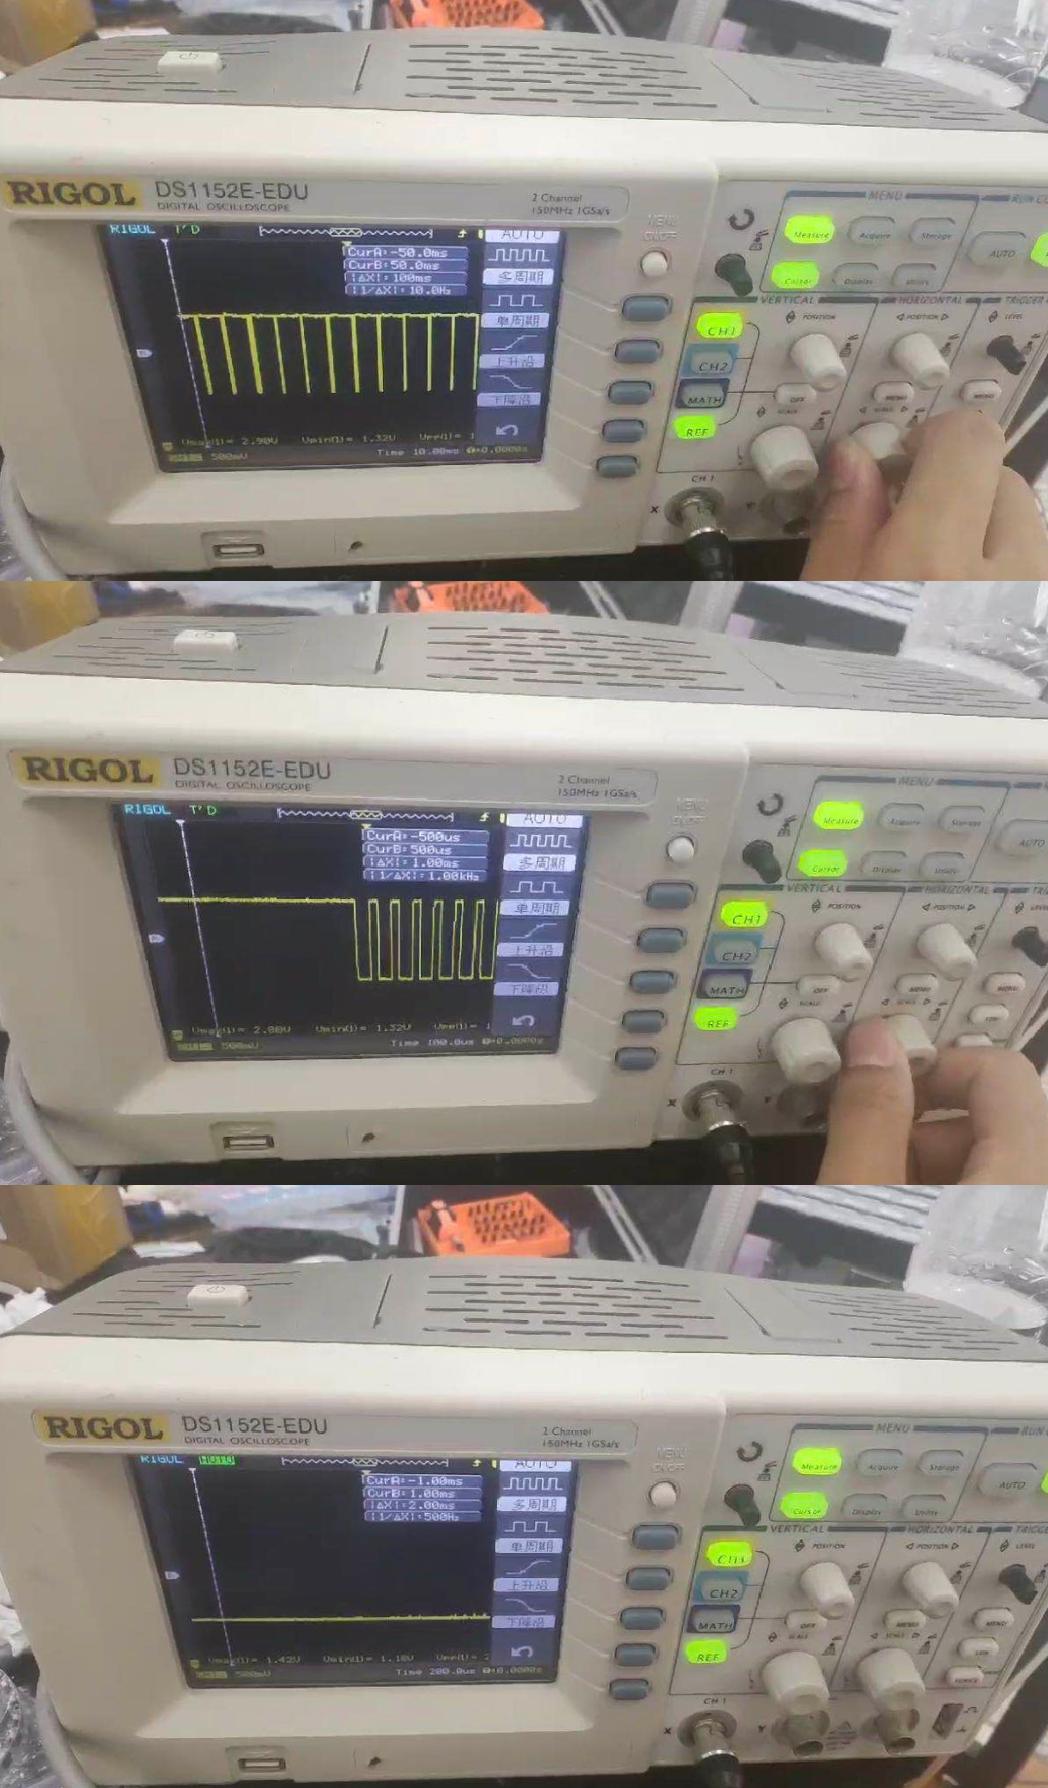 ▲ 施加信号的波形